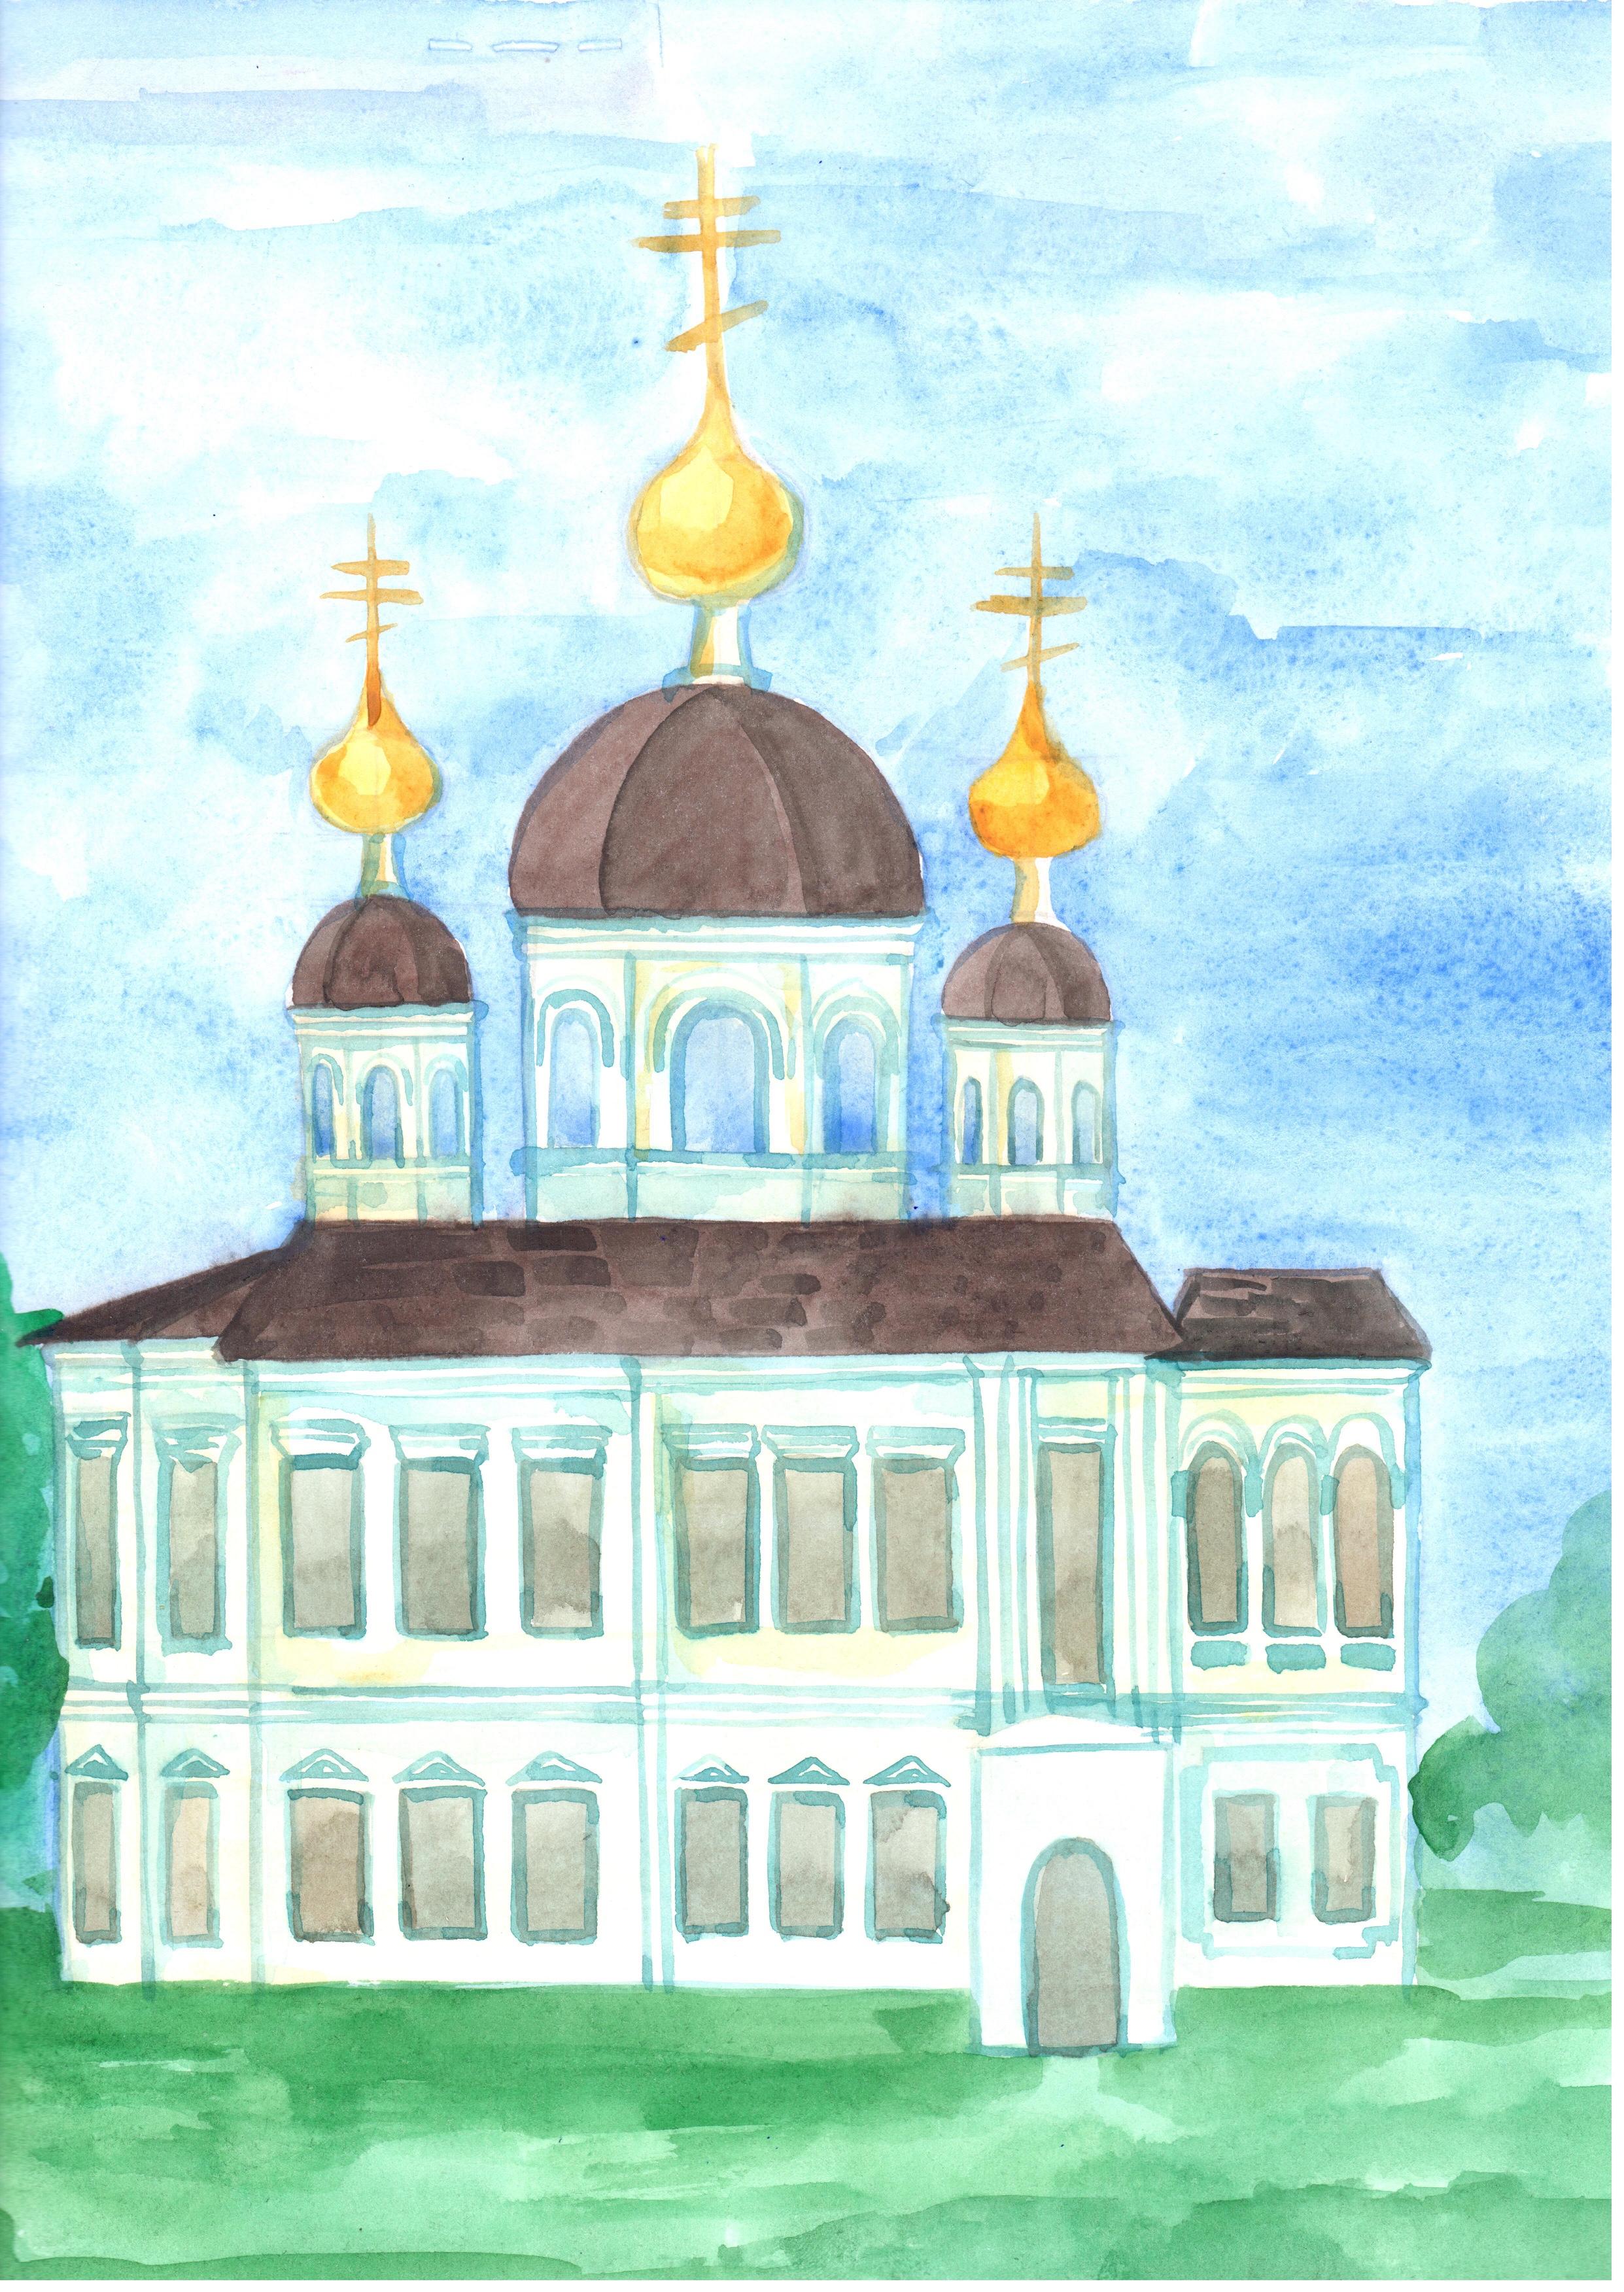 Рисунок 1 - Эскиз восстановления Ильинской Церкви. Автор - Базуева Алена Николаевна.